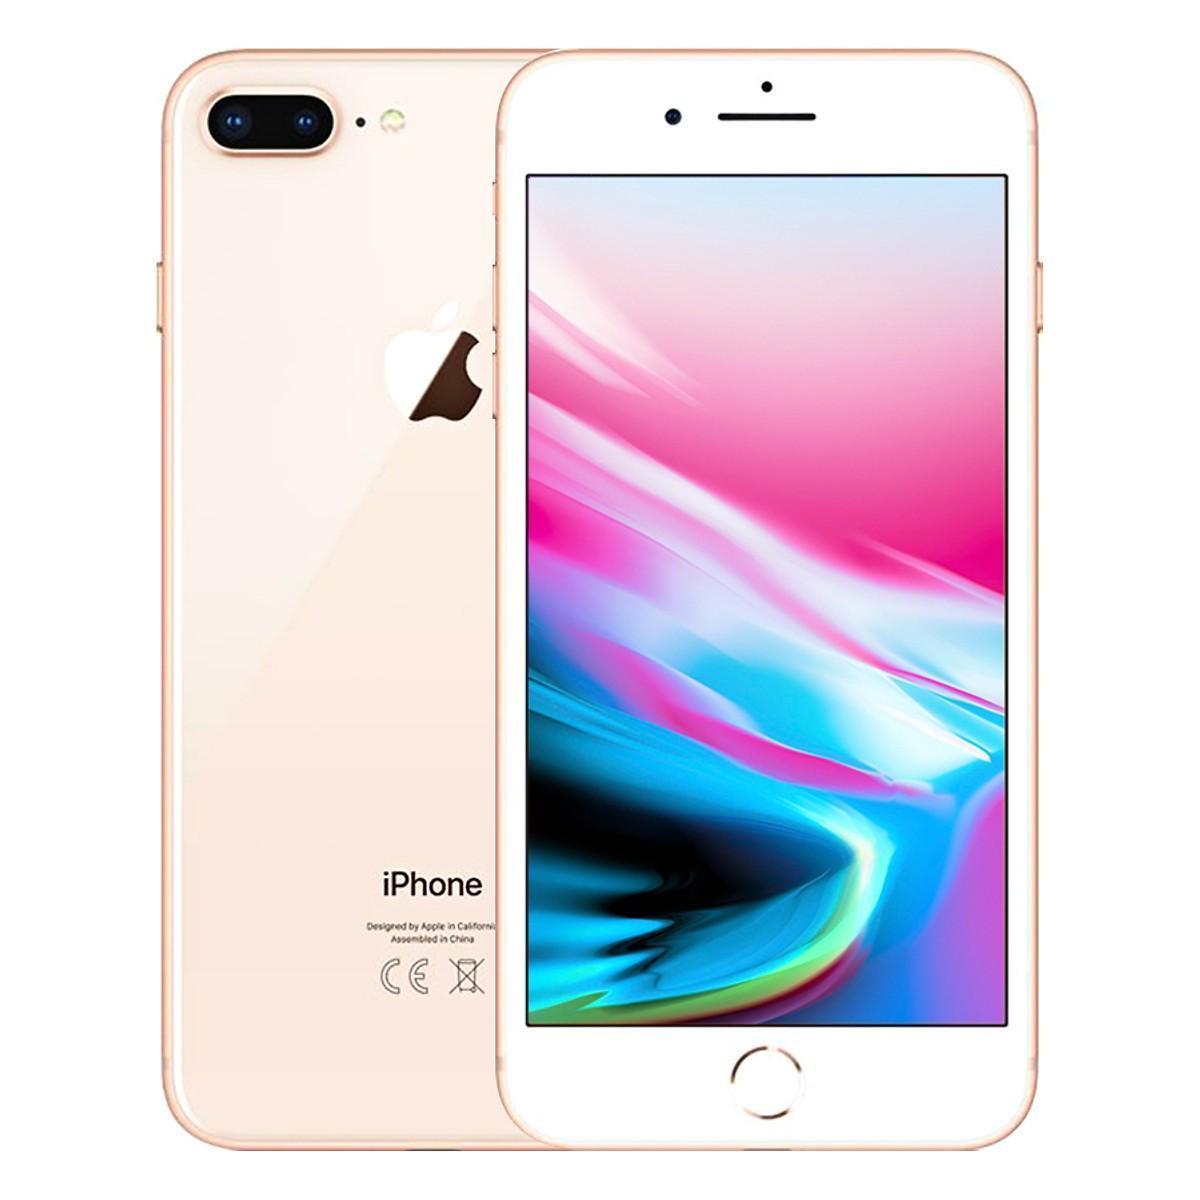 Điện Thoại Iphone 8 Plus 64GB - Nhập Khẩu (Màu gray)